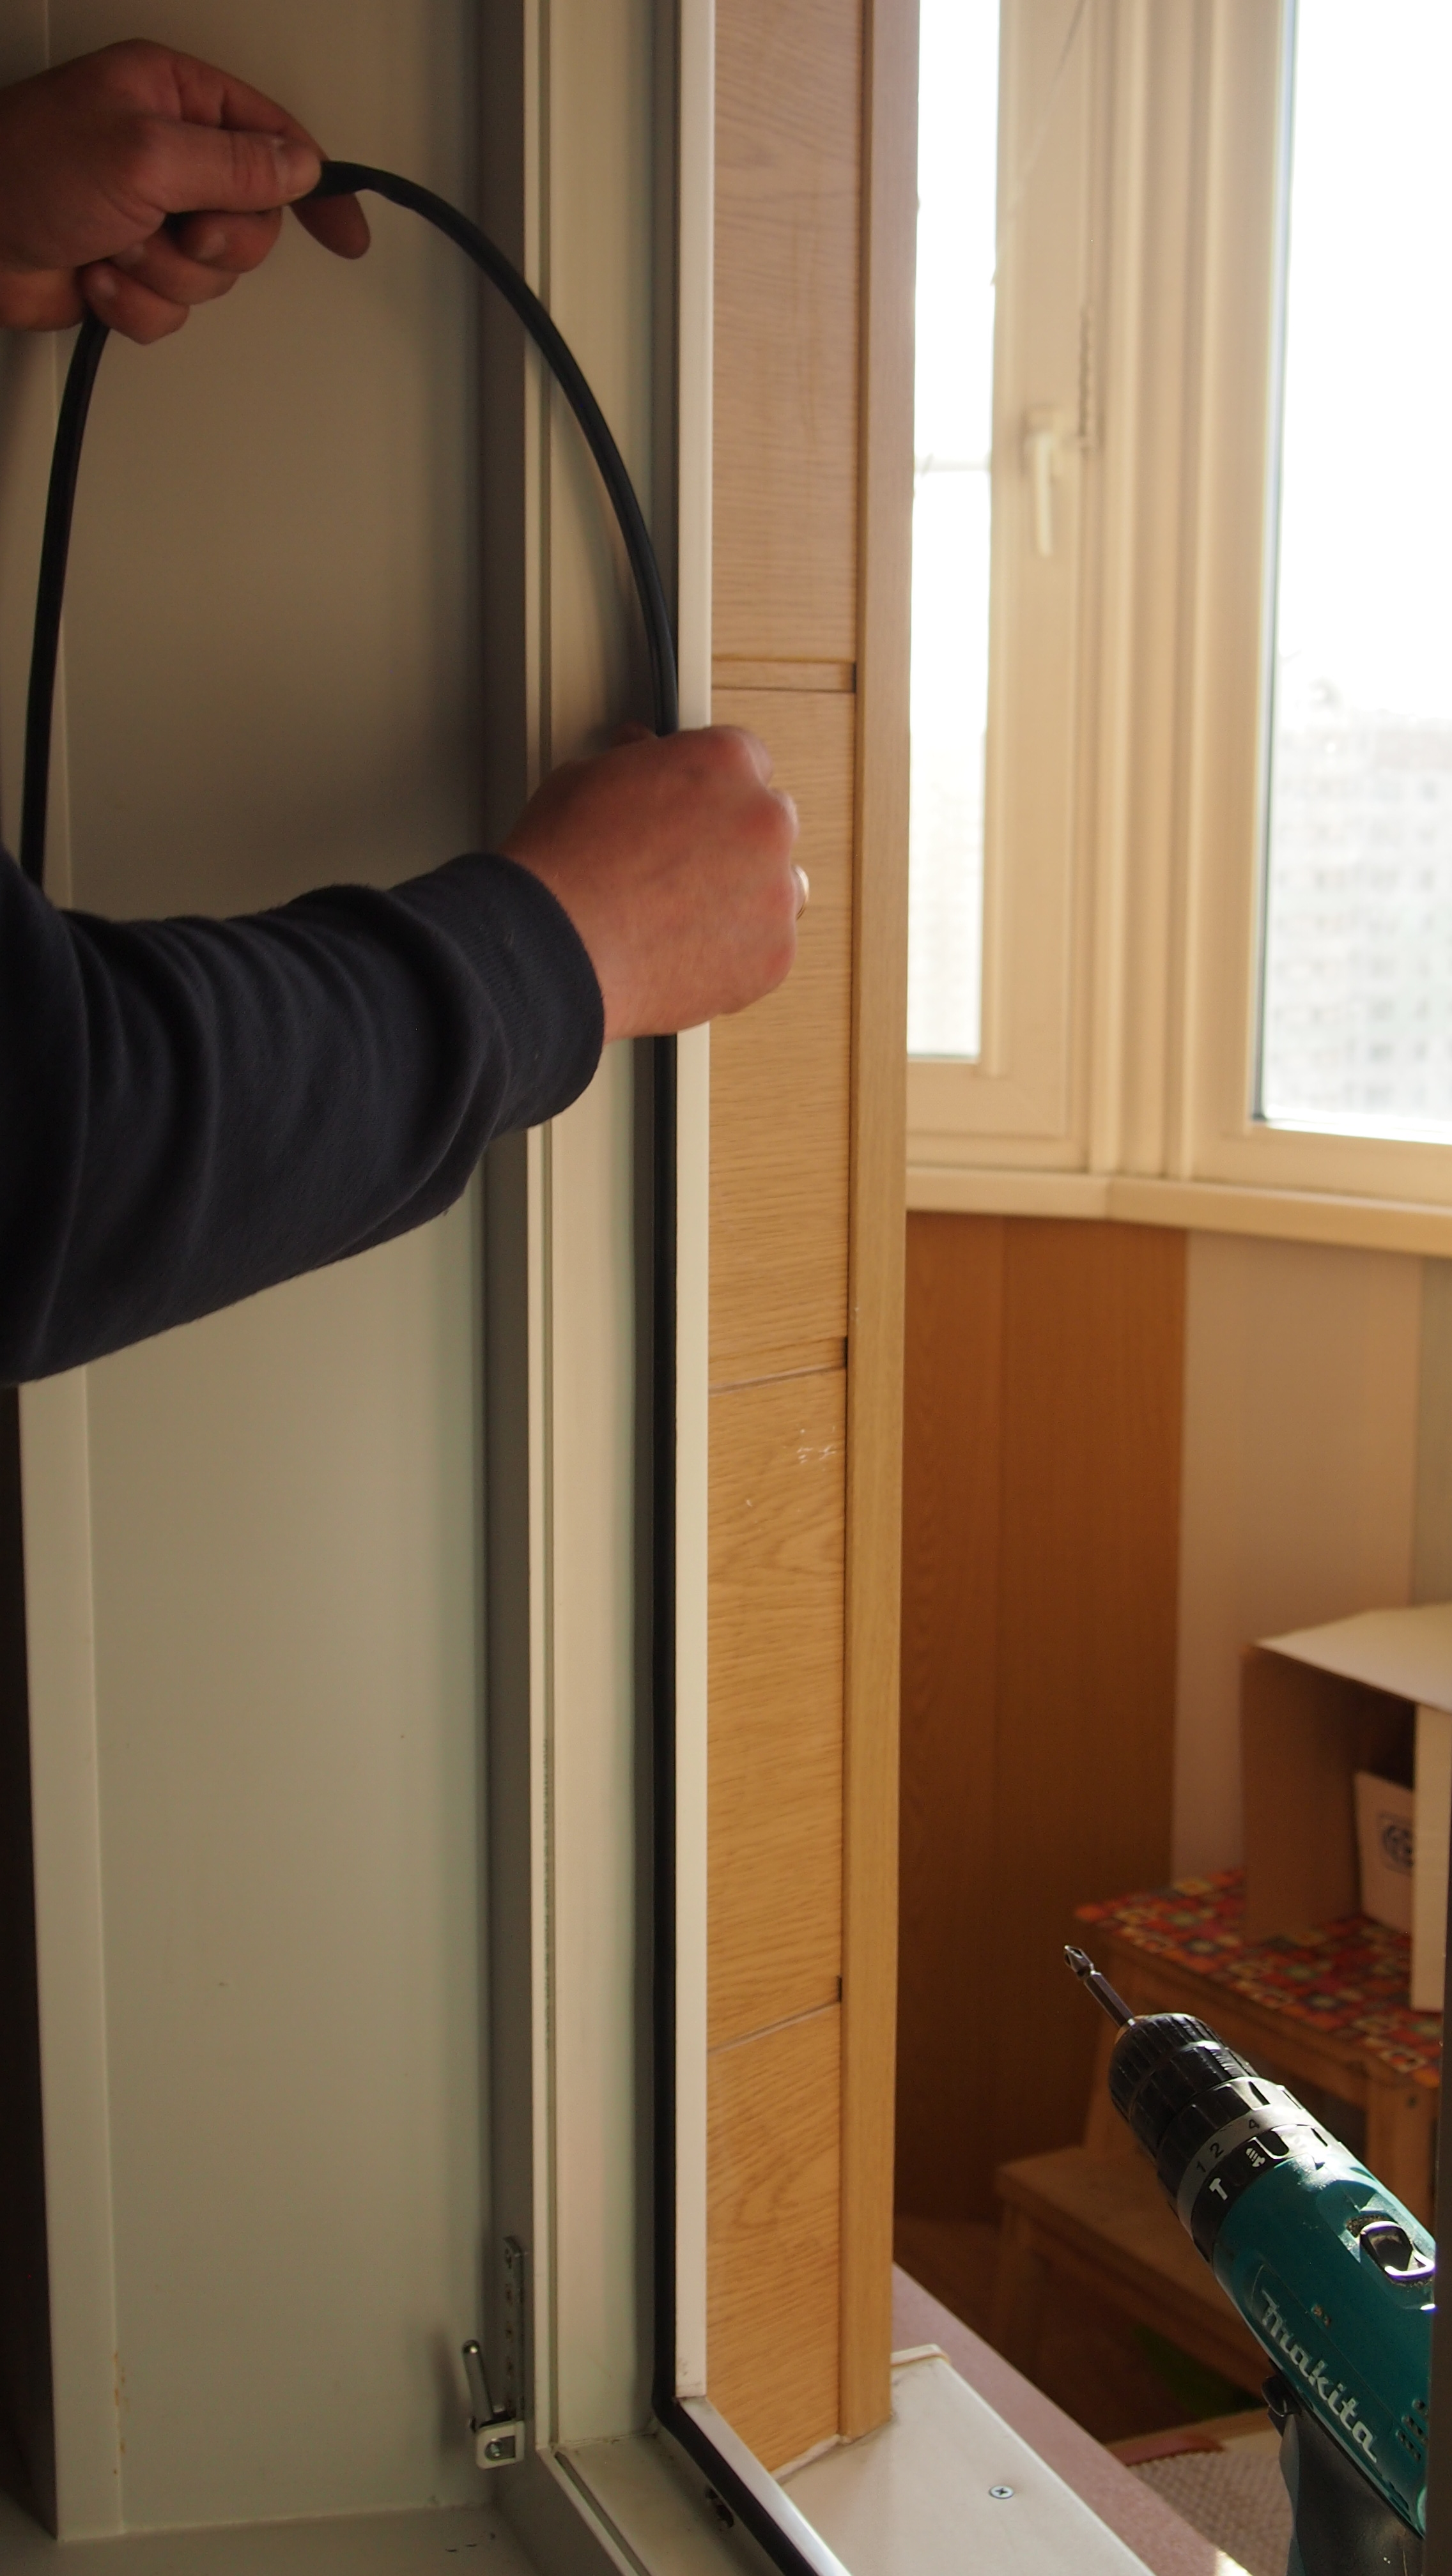 Теплоизоляция входной деревянной, пластиковой и железной двери в частном доме и коттедже: чем и как лучше утеплить двери в деревянном доме своими руками, видео.